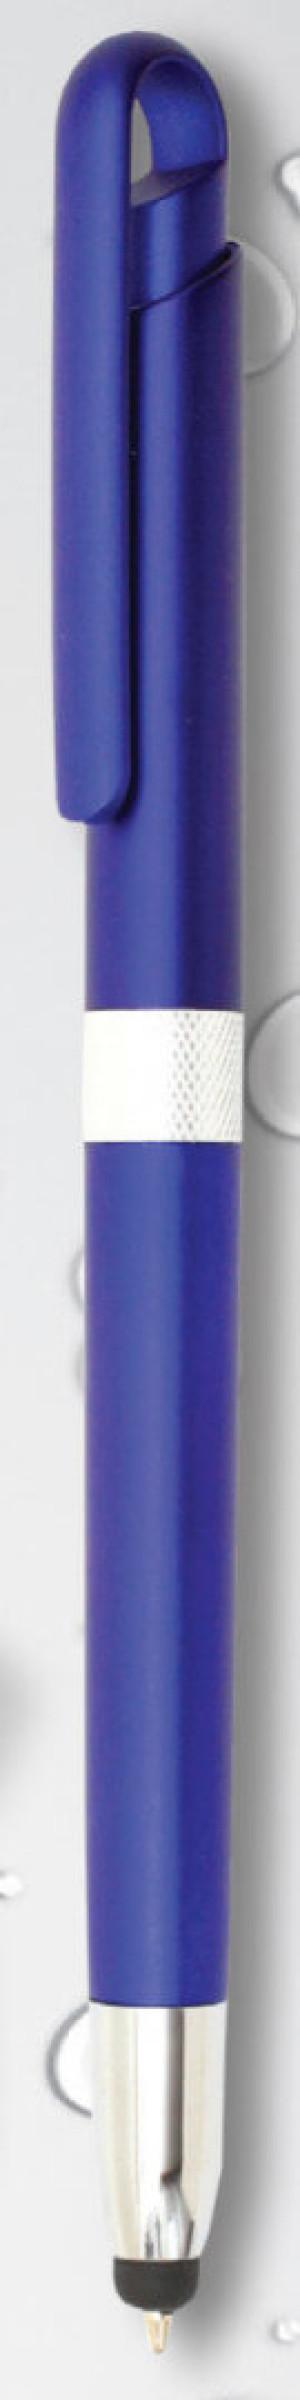 Pero FIROL - Touch pen